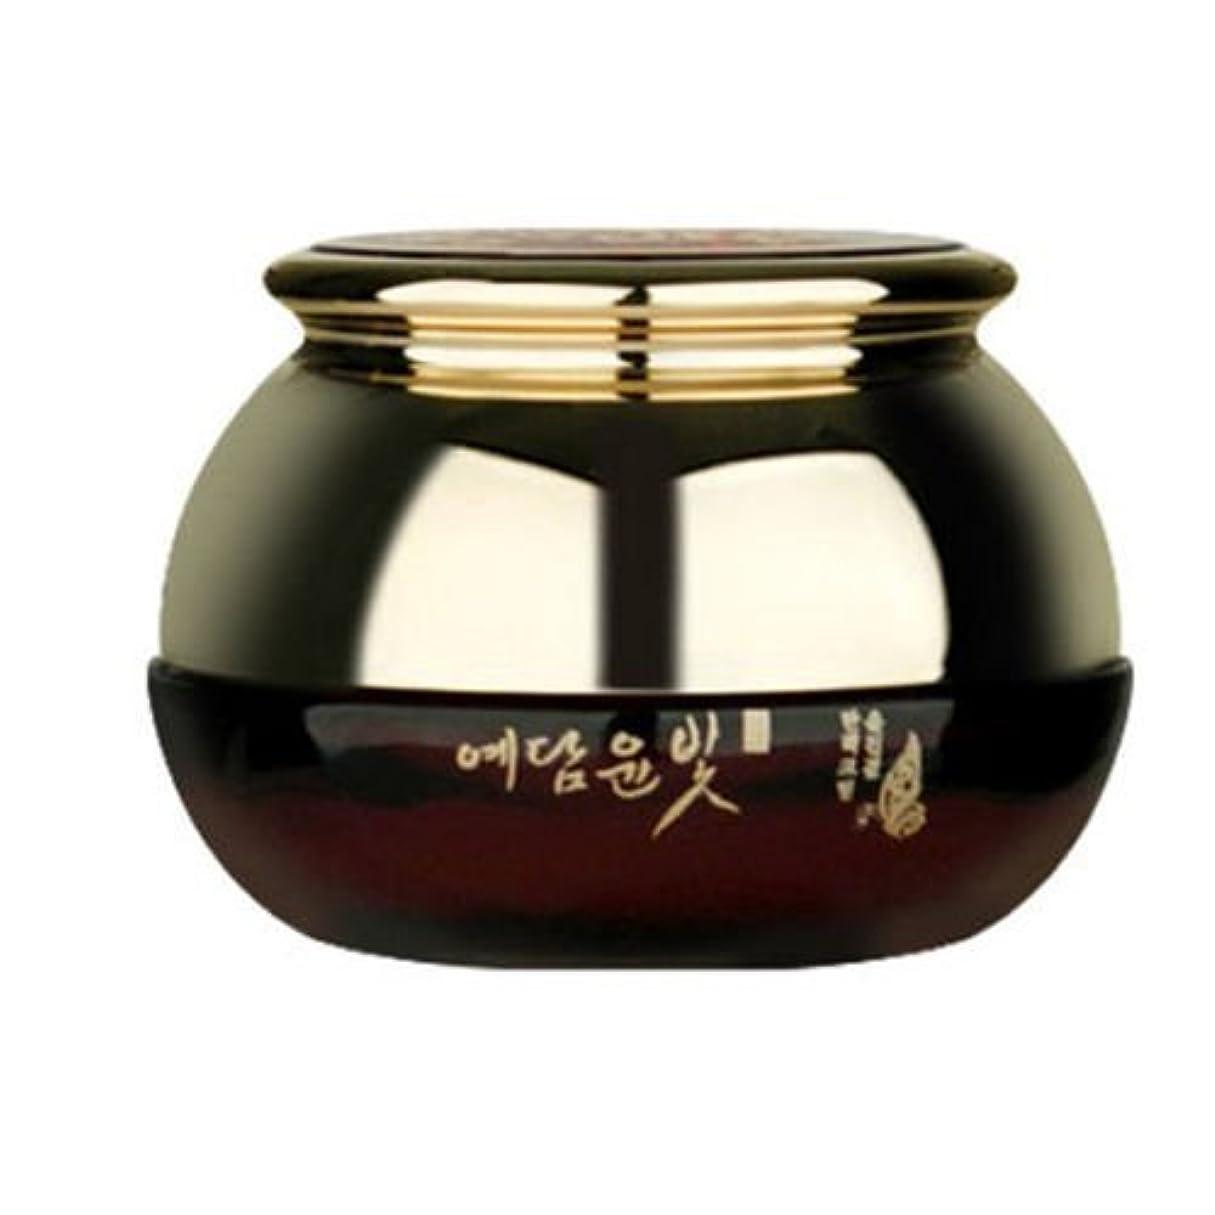 煙トチの実の木財政イェダムユンビト[韓国コスメYedam Yun Bit]Placenta Firming Cream プラセンタファーミングクリーム50ml しわ管理 [並行輸入品]